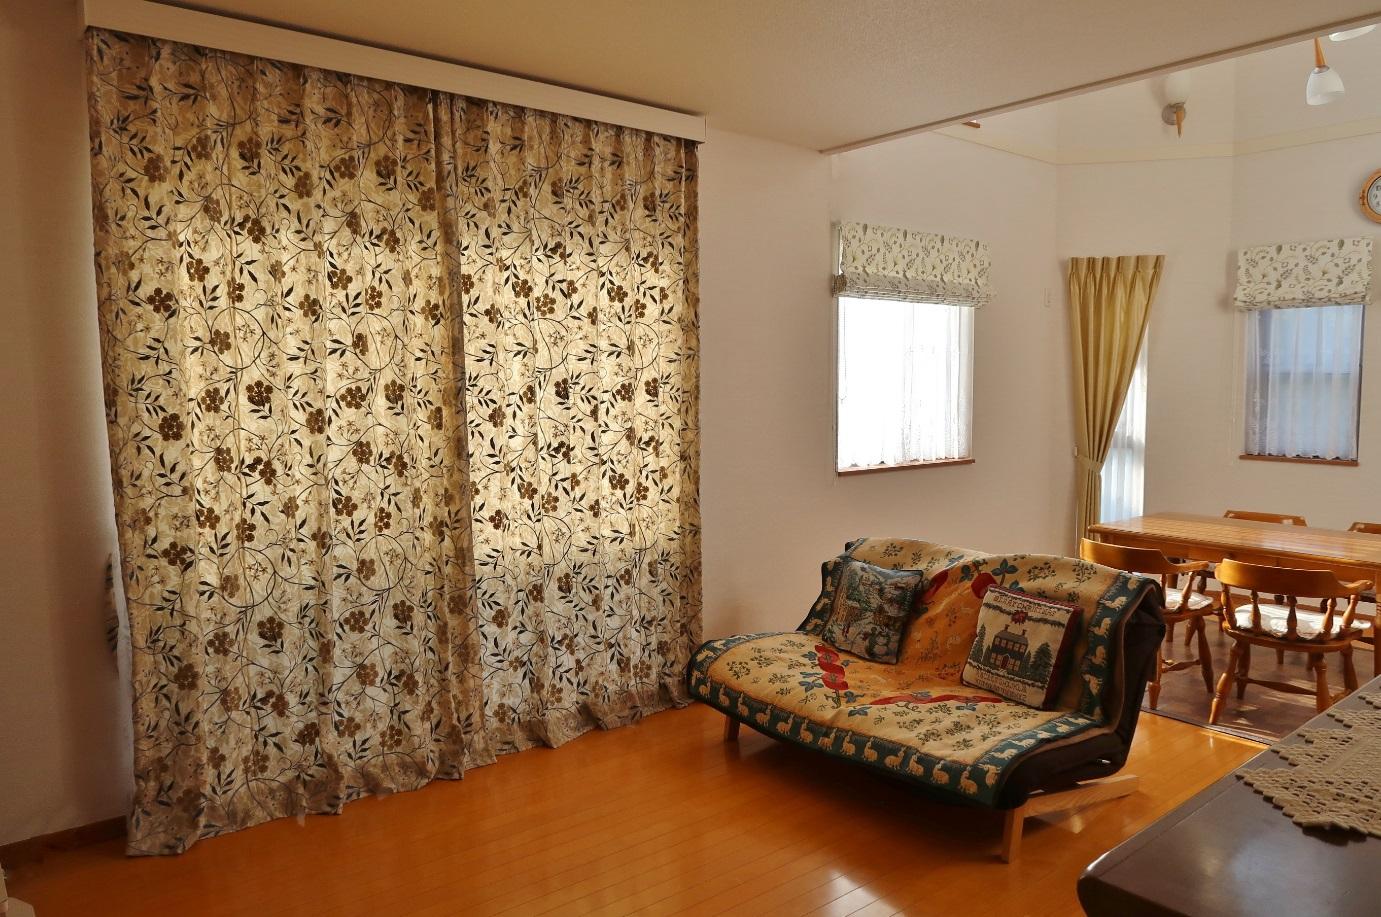 ウィリアム・モリスの刺繍カーテンと天然素材の収縮に配慮した特別仕様の